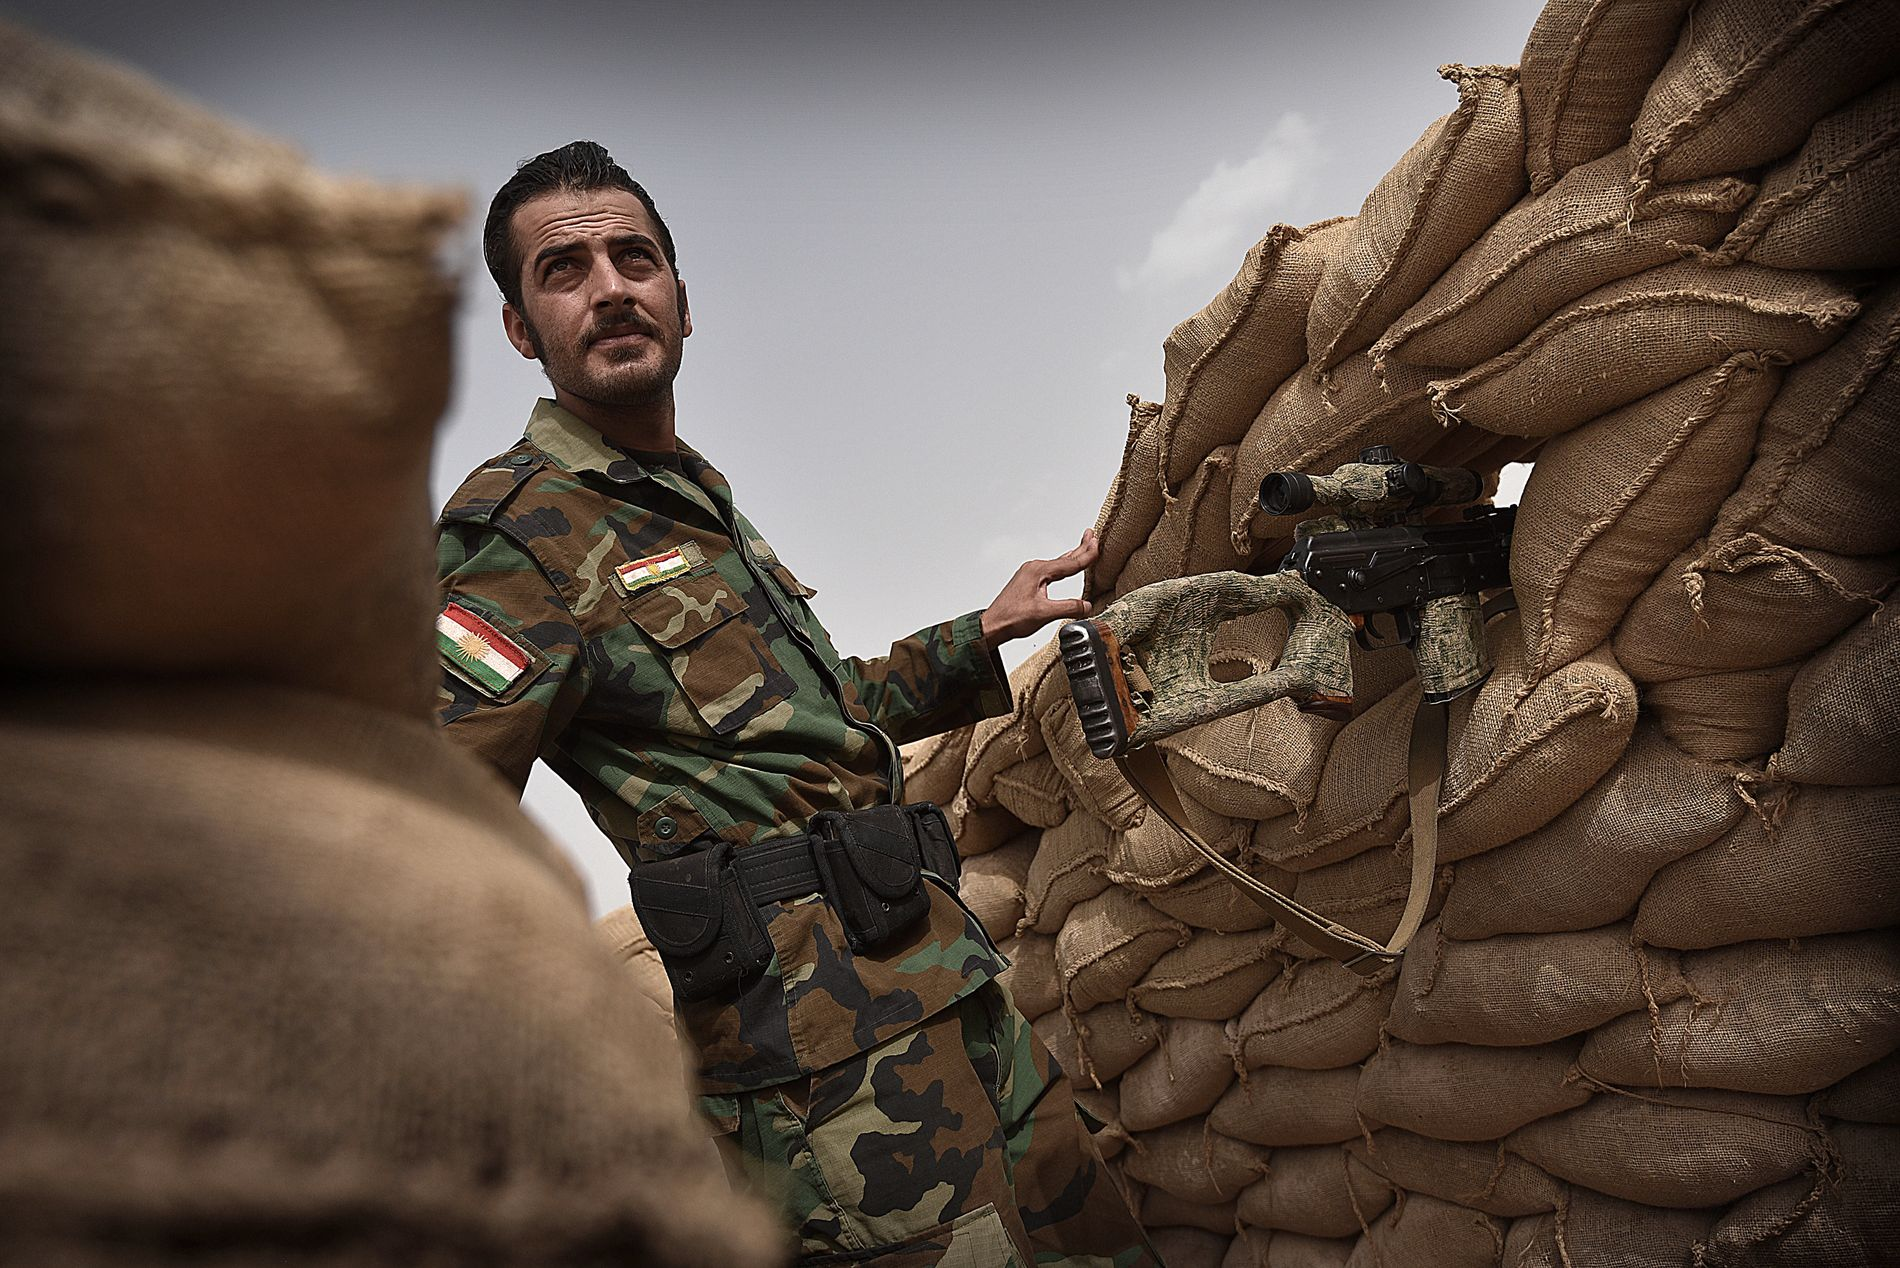 KRIGERE FRA IRAN: Iranske Peshmerga-styrker er kommet for å hjelpe sine kurdiske brødre i kampen mot IS i Irak. Foto: